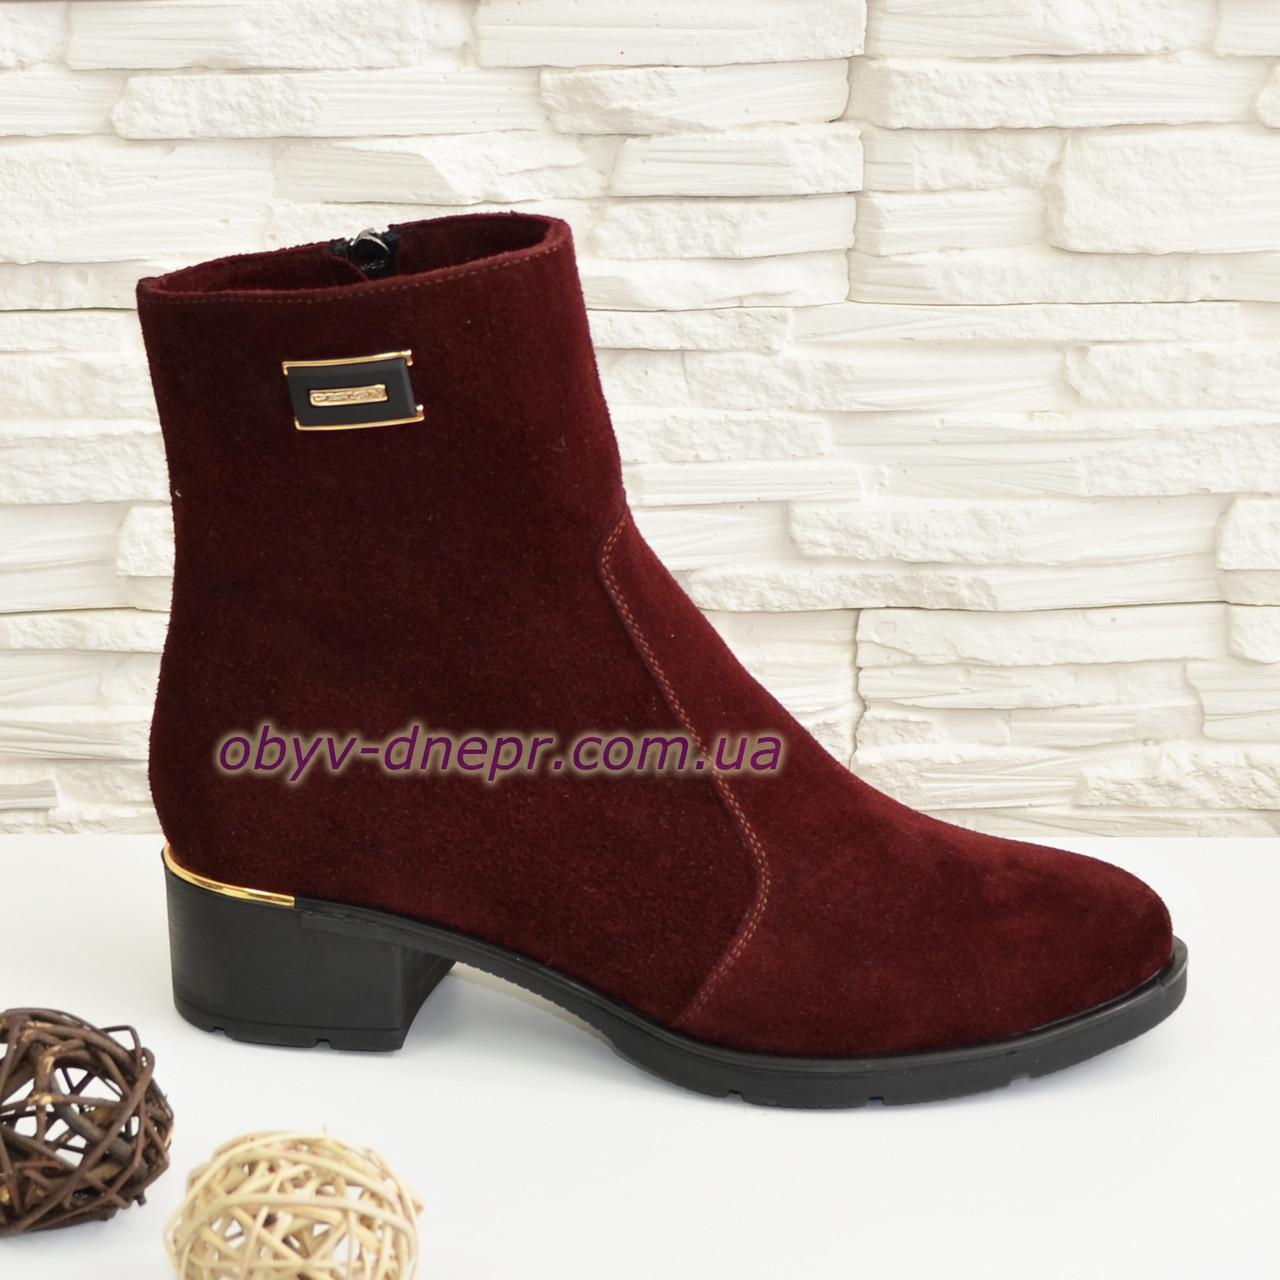 Женские замшевые демисезонные ботинки на устойчивом каблуке, декорированы фурнитурой. Цвет бордо.